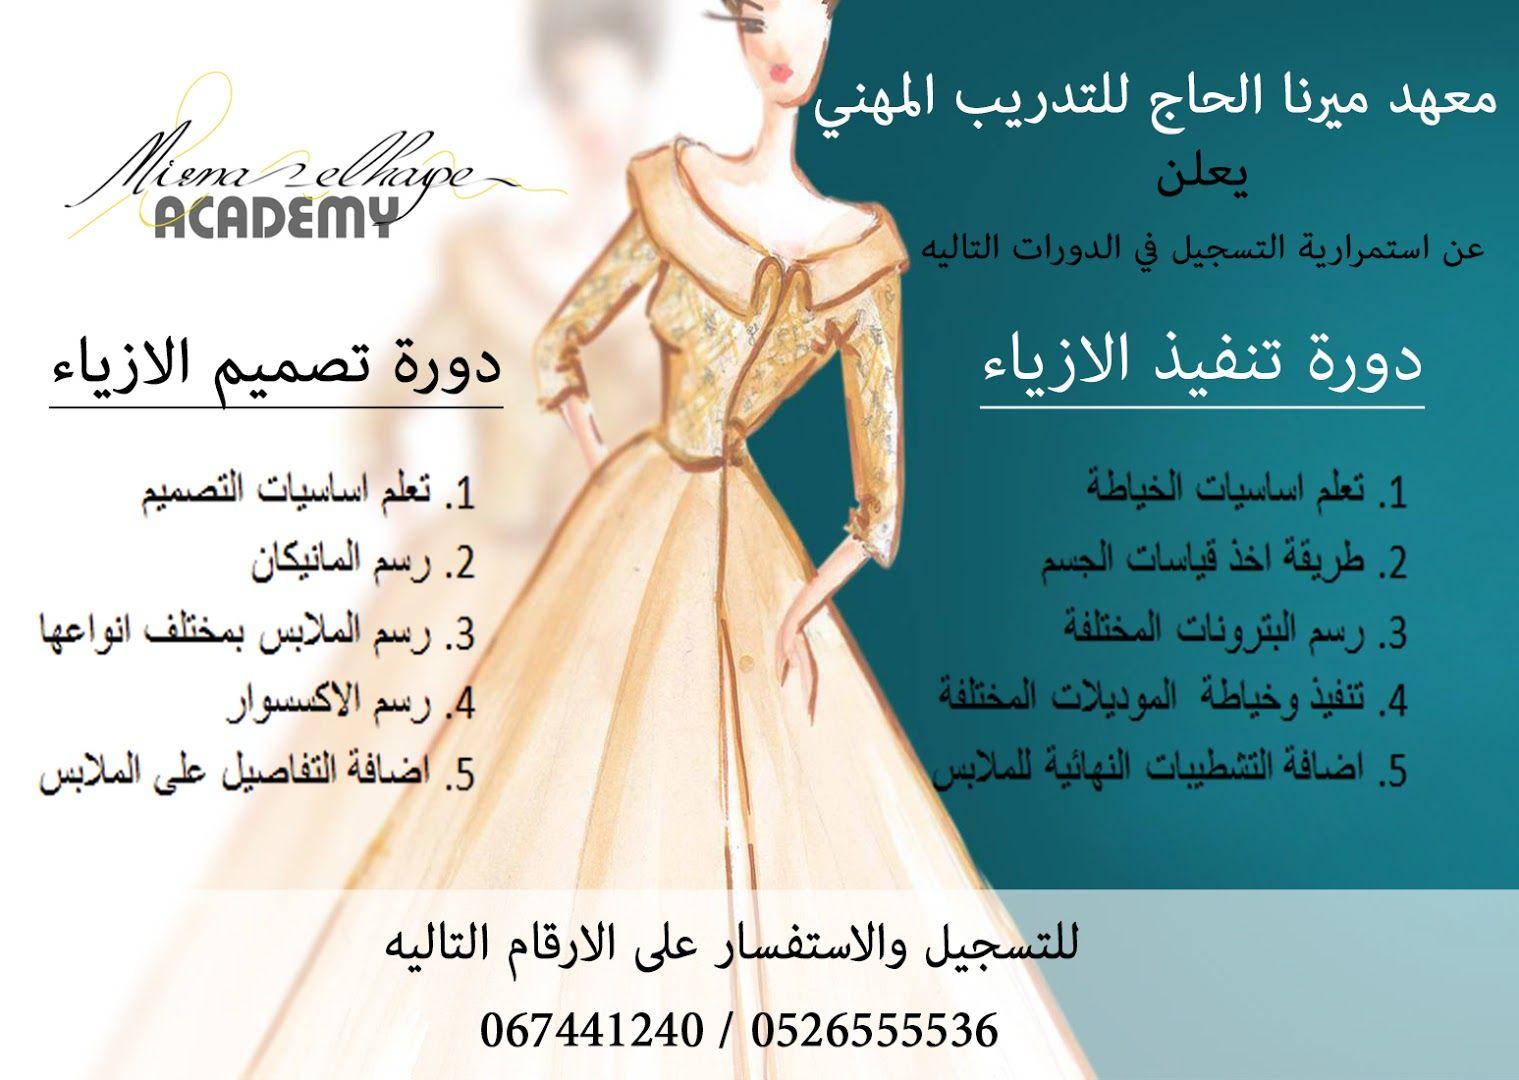 مركز ميرنا الحاج للتدريب المهني يعلن عن استمراريته التسجيل في الدروات التاليه دورة تنفيذ الازياء دورة تصميم الا Formal Dresses Long Formal Dresses Dresses